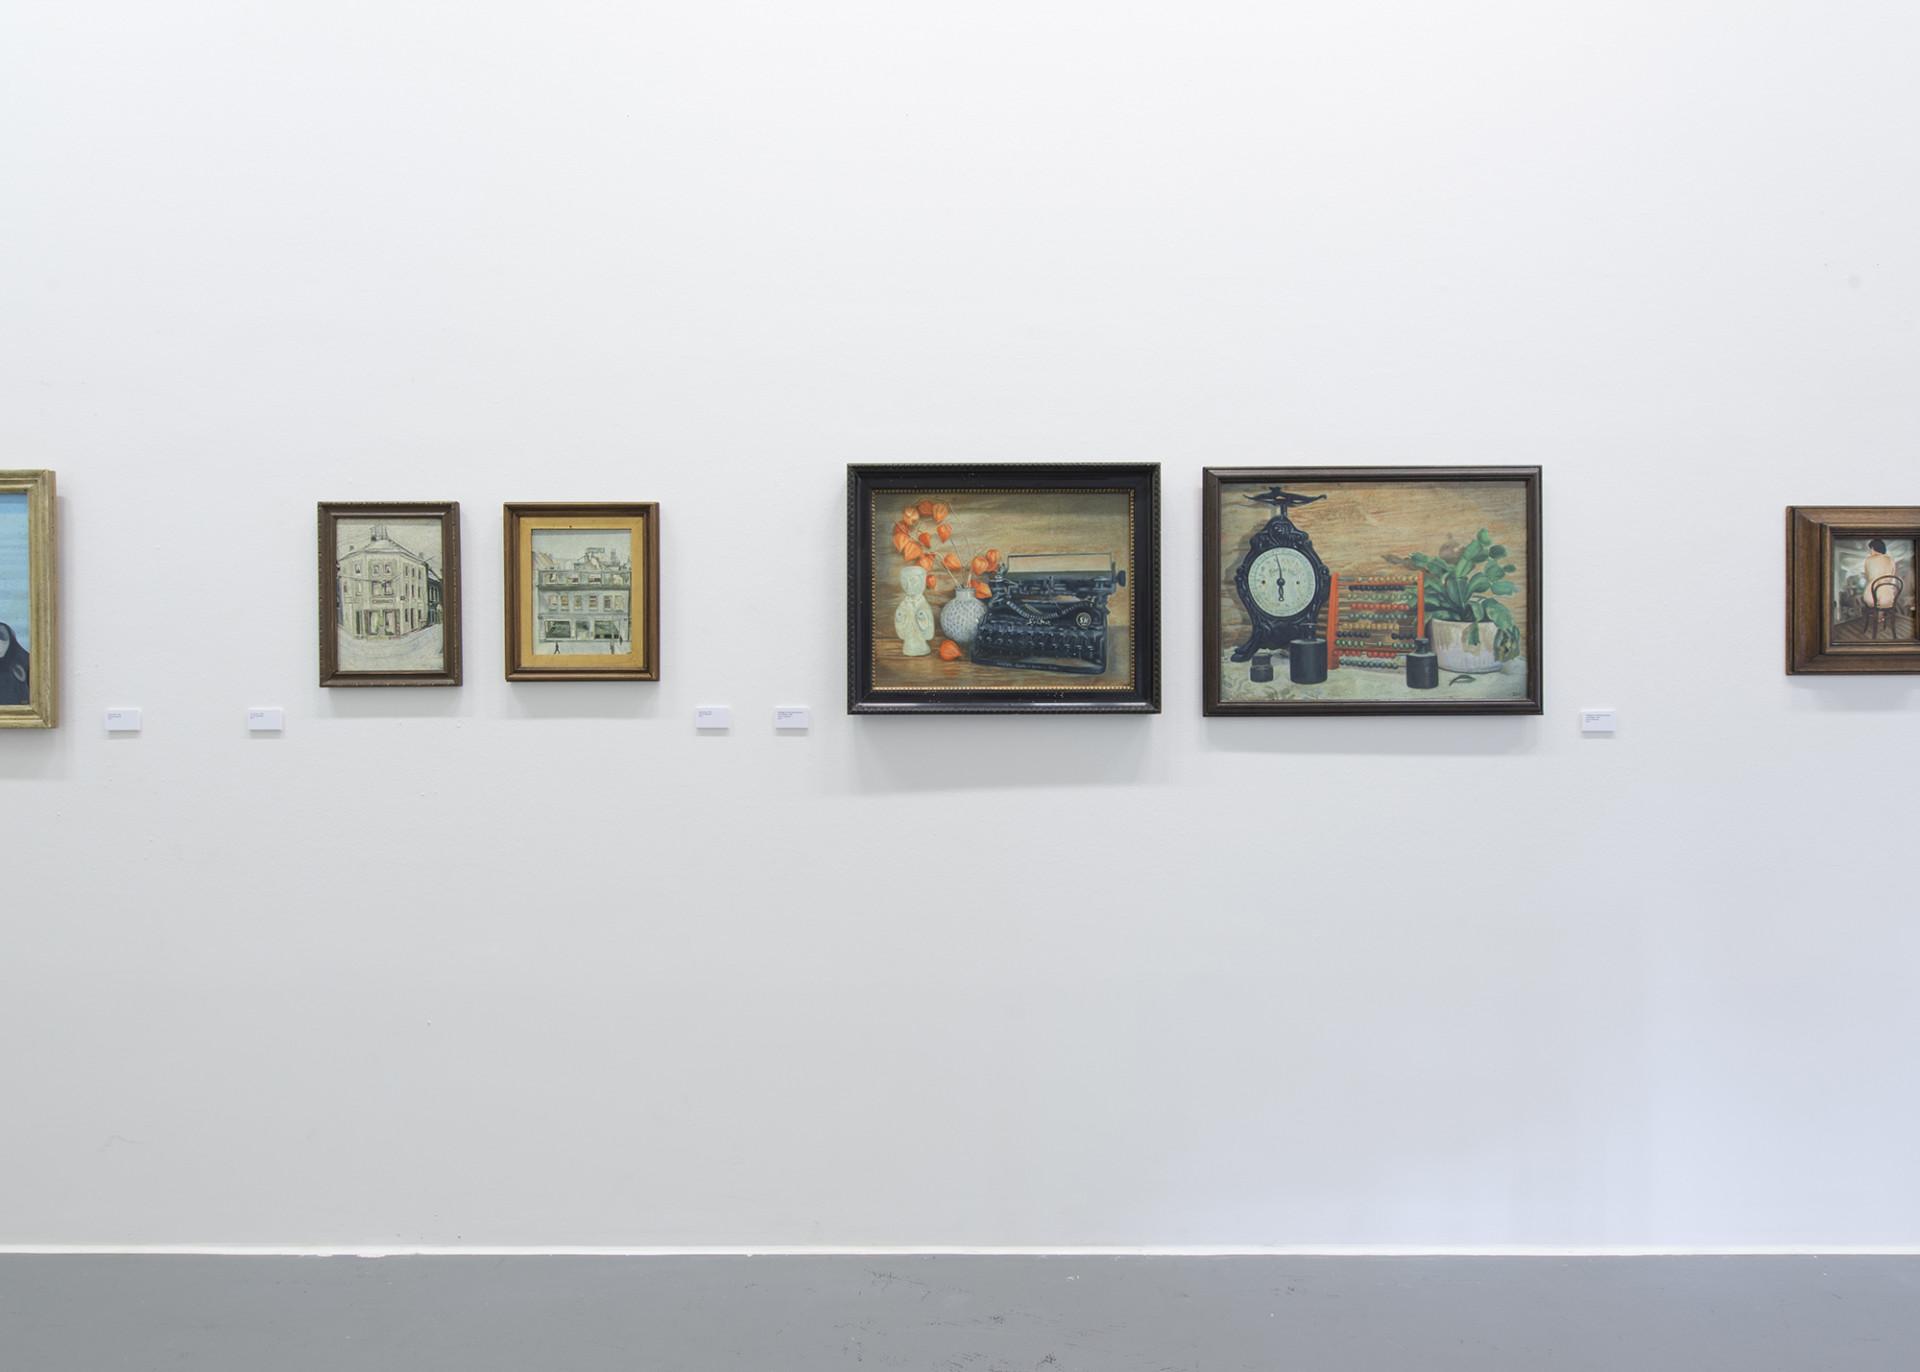 > Kunstverein Friedrichshafen Jan Hendrik Pelz